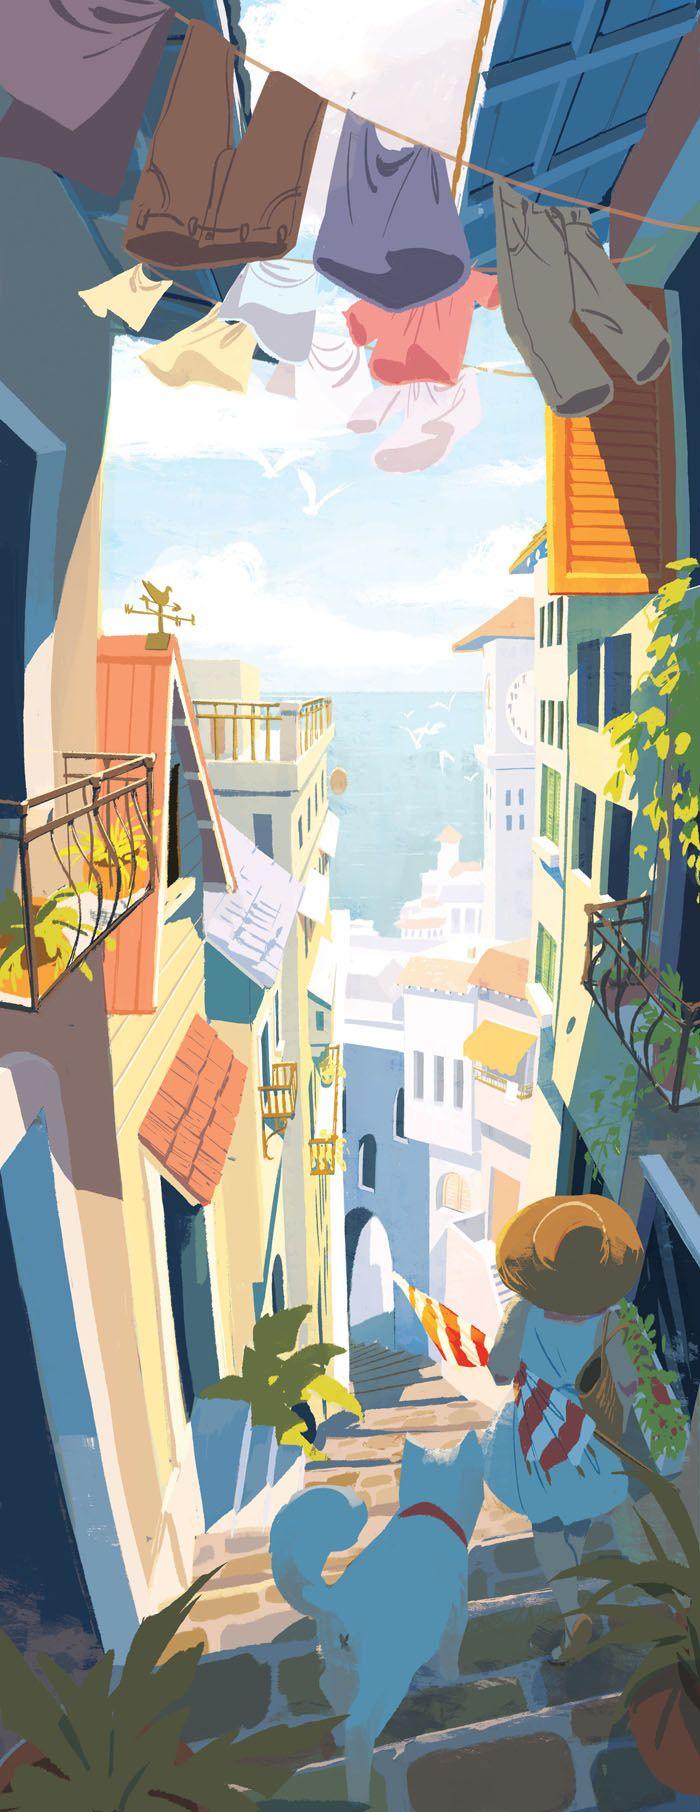 Illustrations — Rebecca Shieh